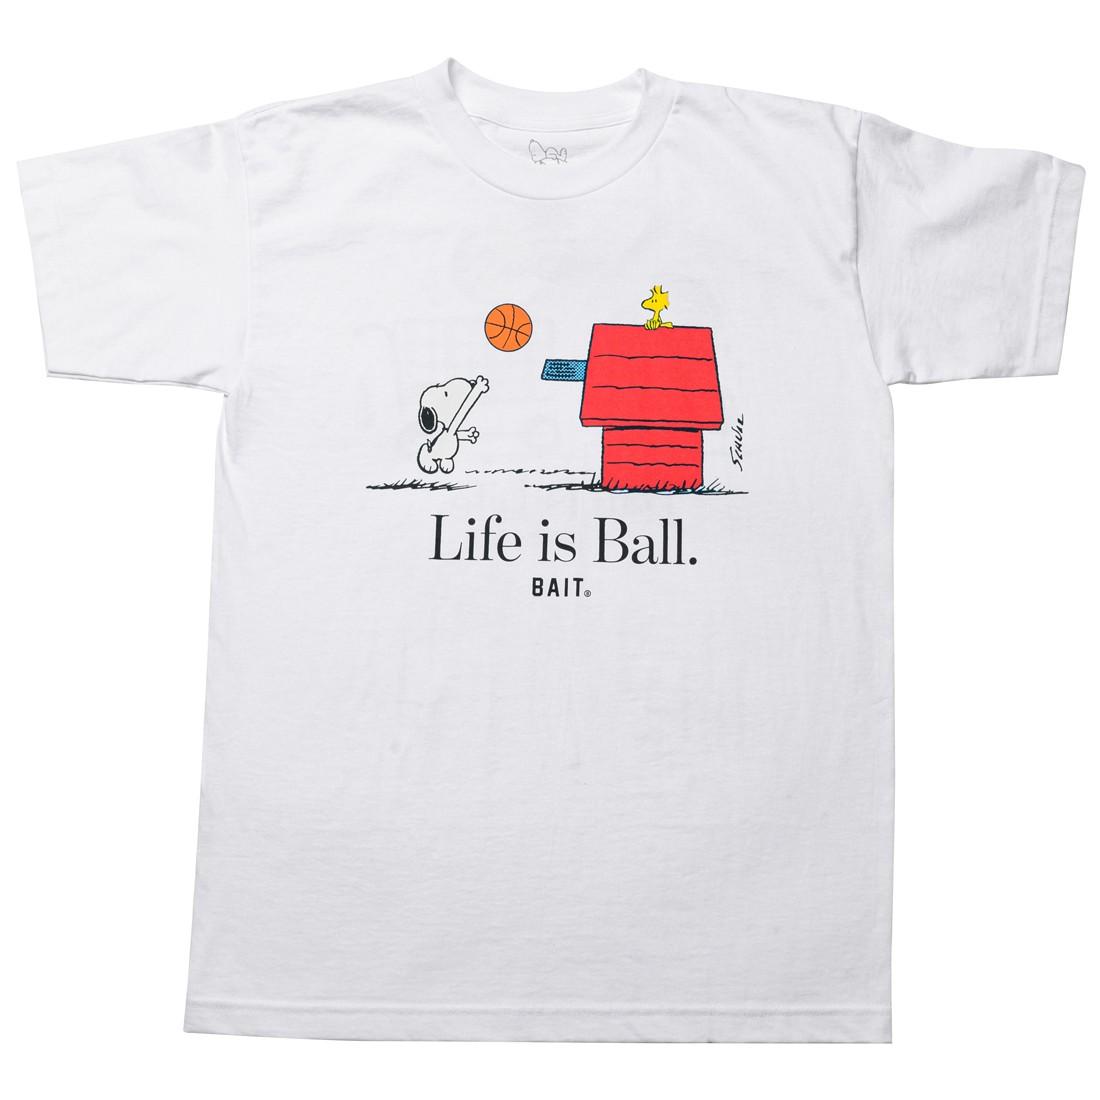 BAIT x Snoopy Men Life Ball Tee (white)